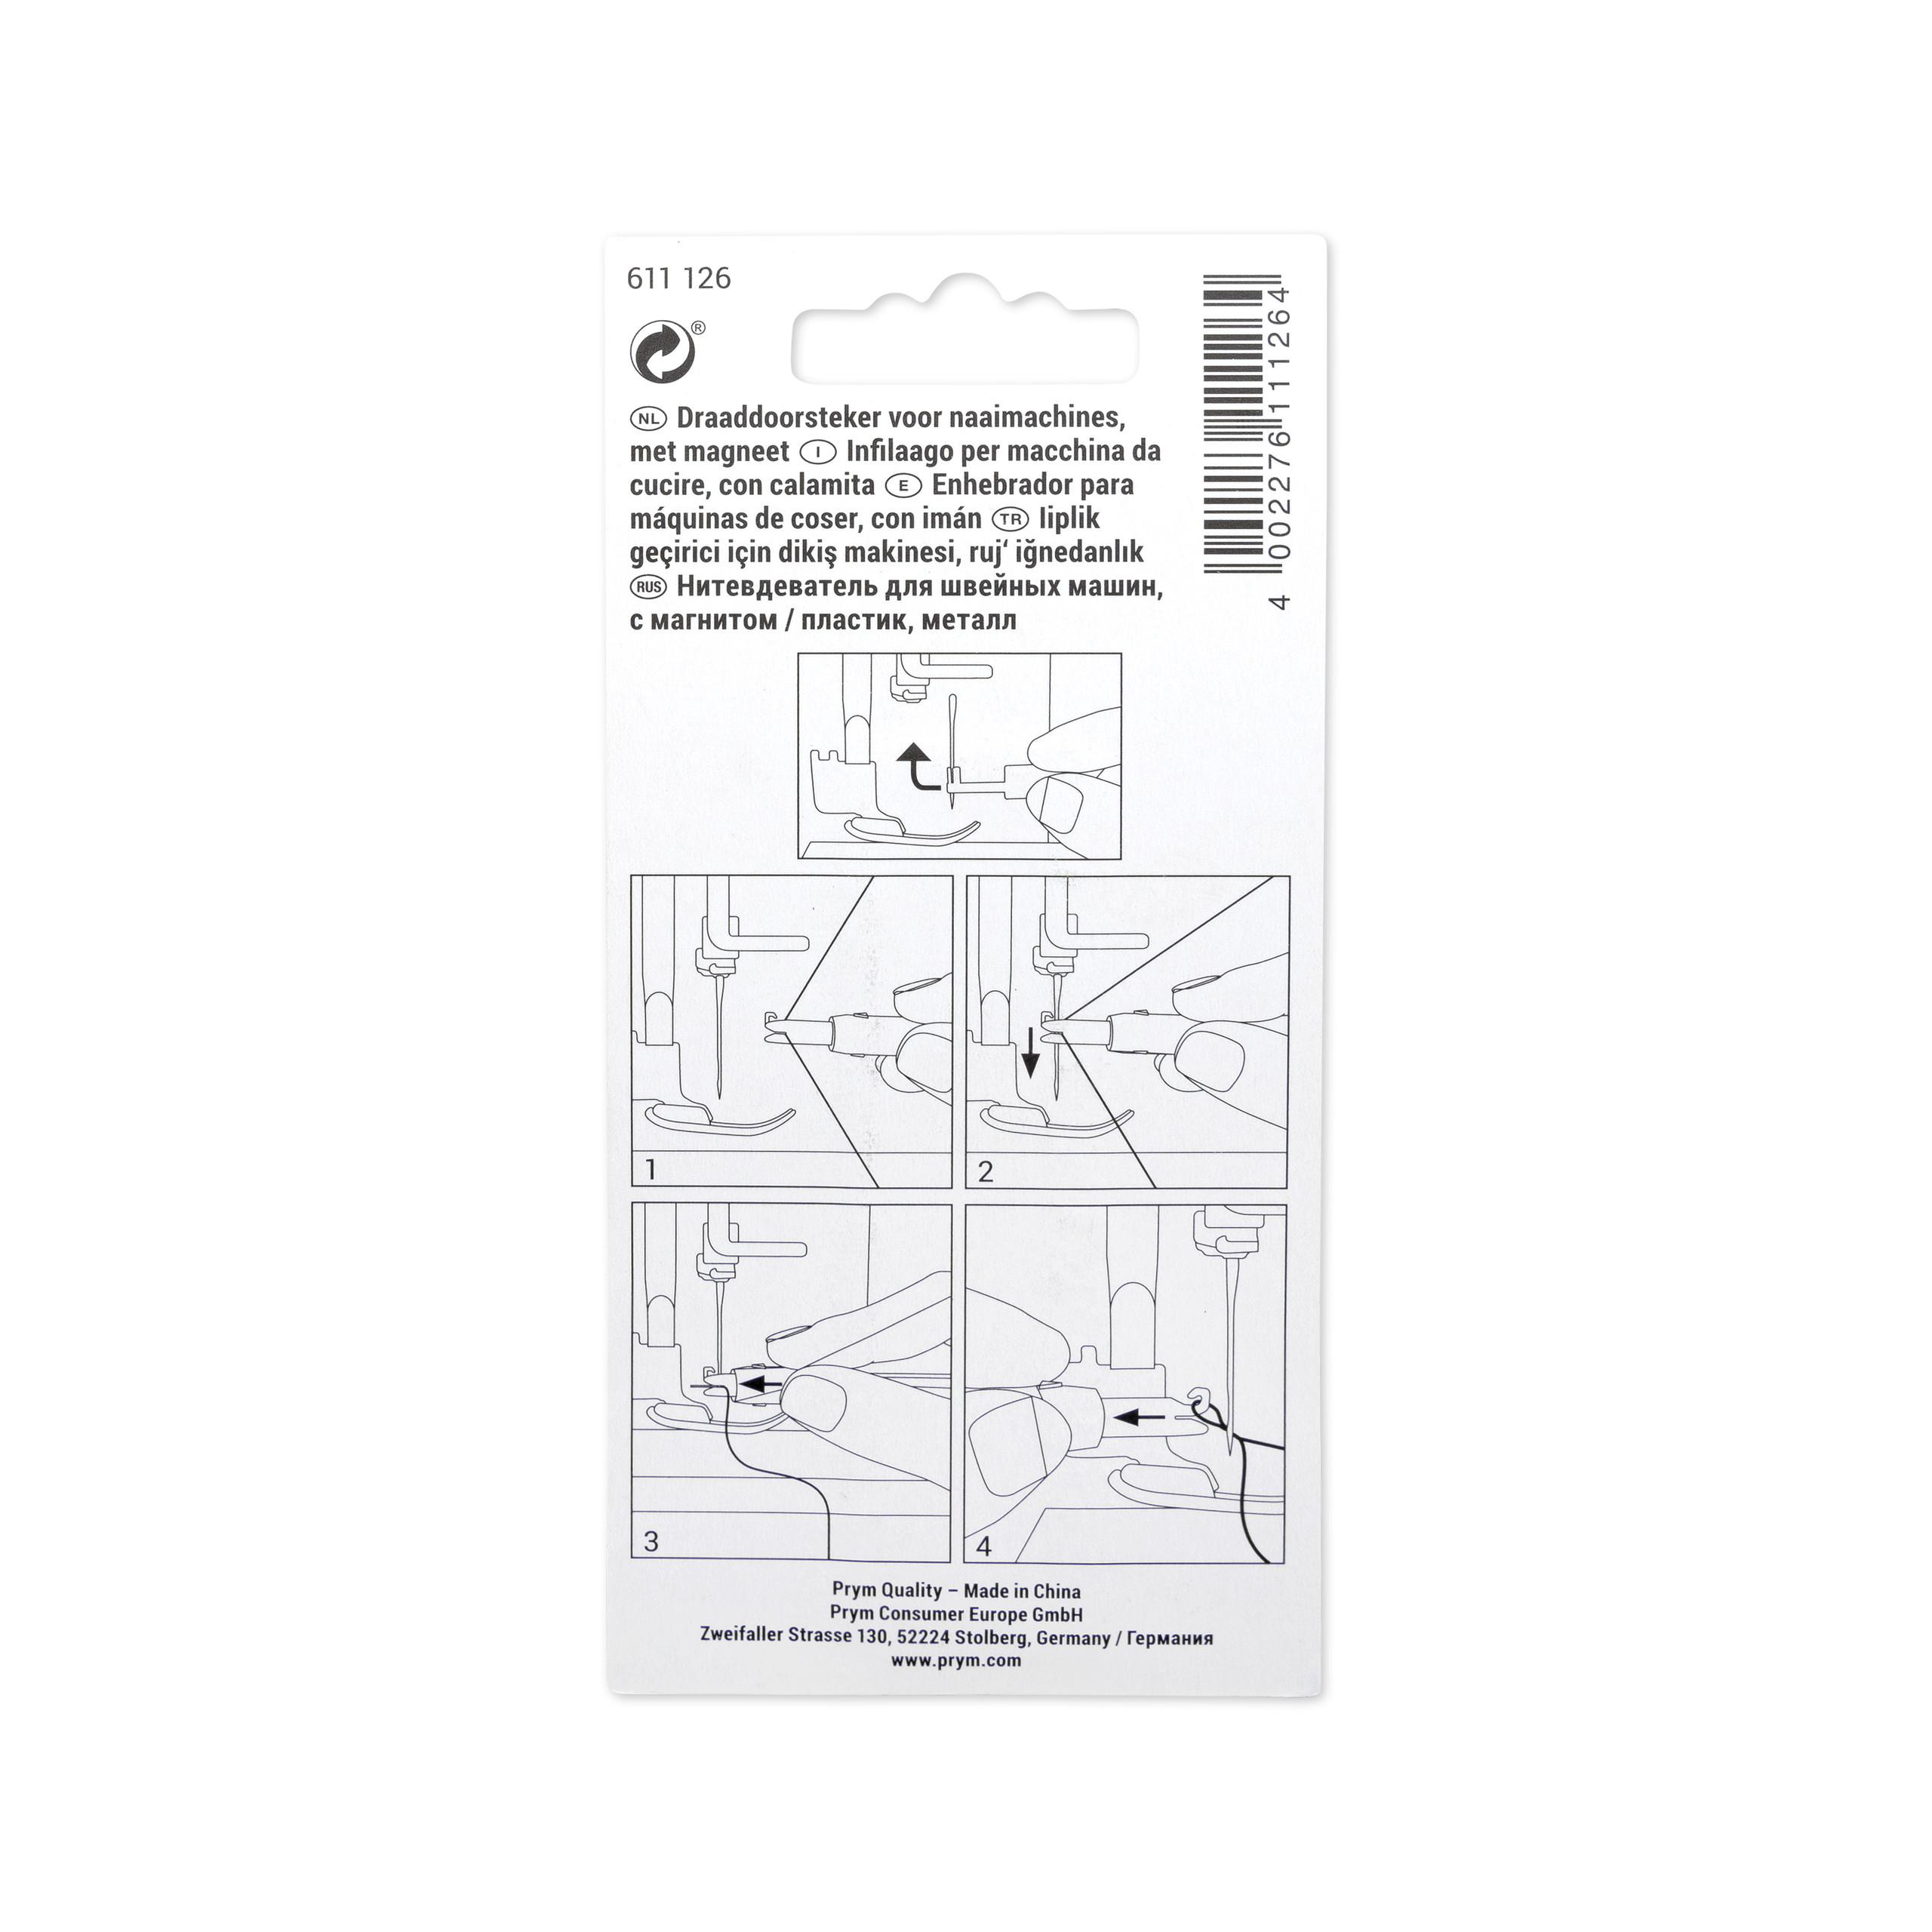 Einfädler für Nähmaschinen (Magnet), Prym - Art. 611126